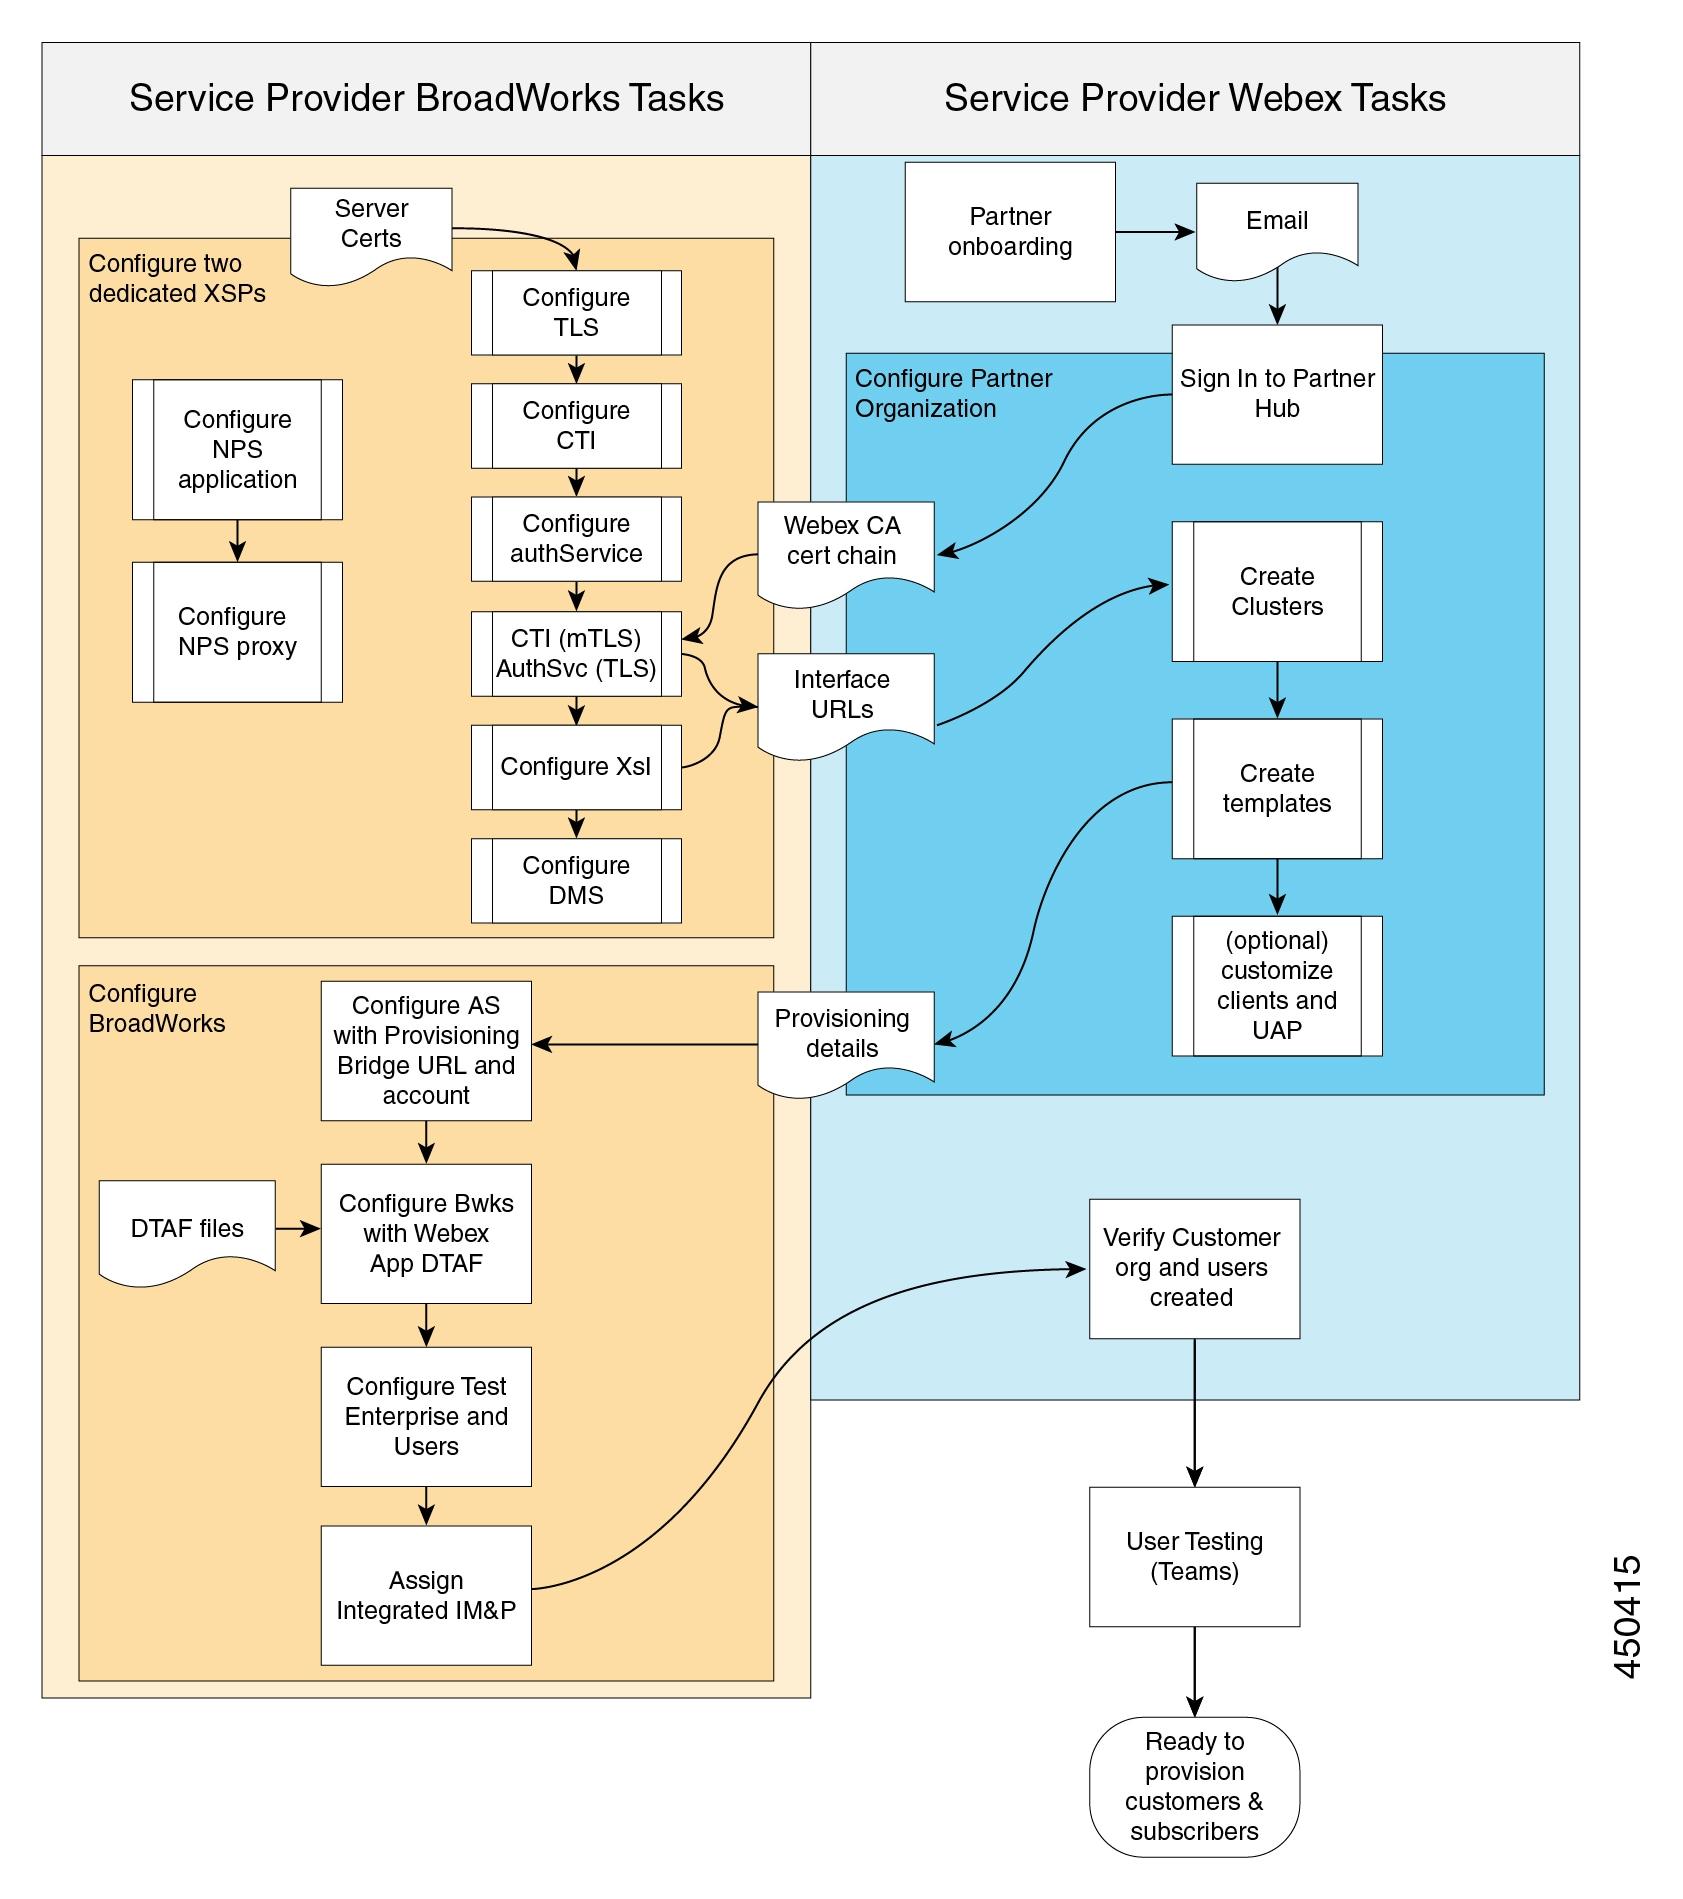 Mostra a ordem de tarefas necessárias para a implantação do Webex para BroadWorks com provisionamento de fluxo através de e-mails confiáveis e provisionamento